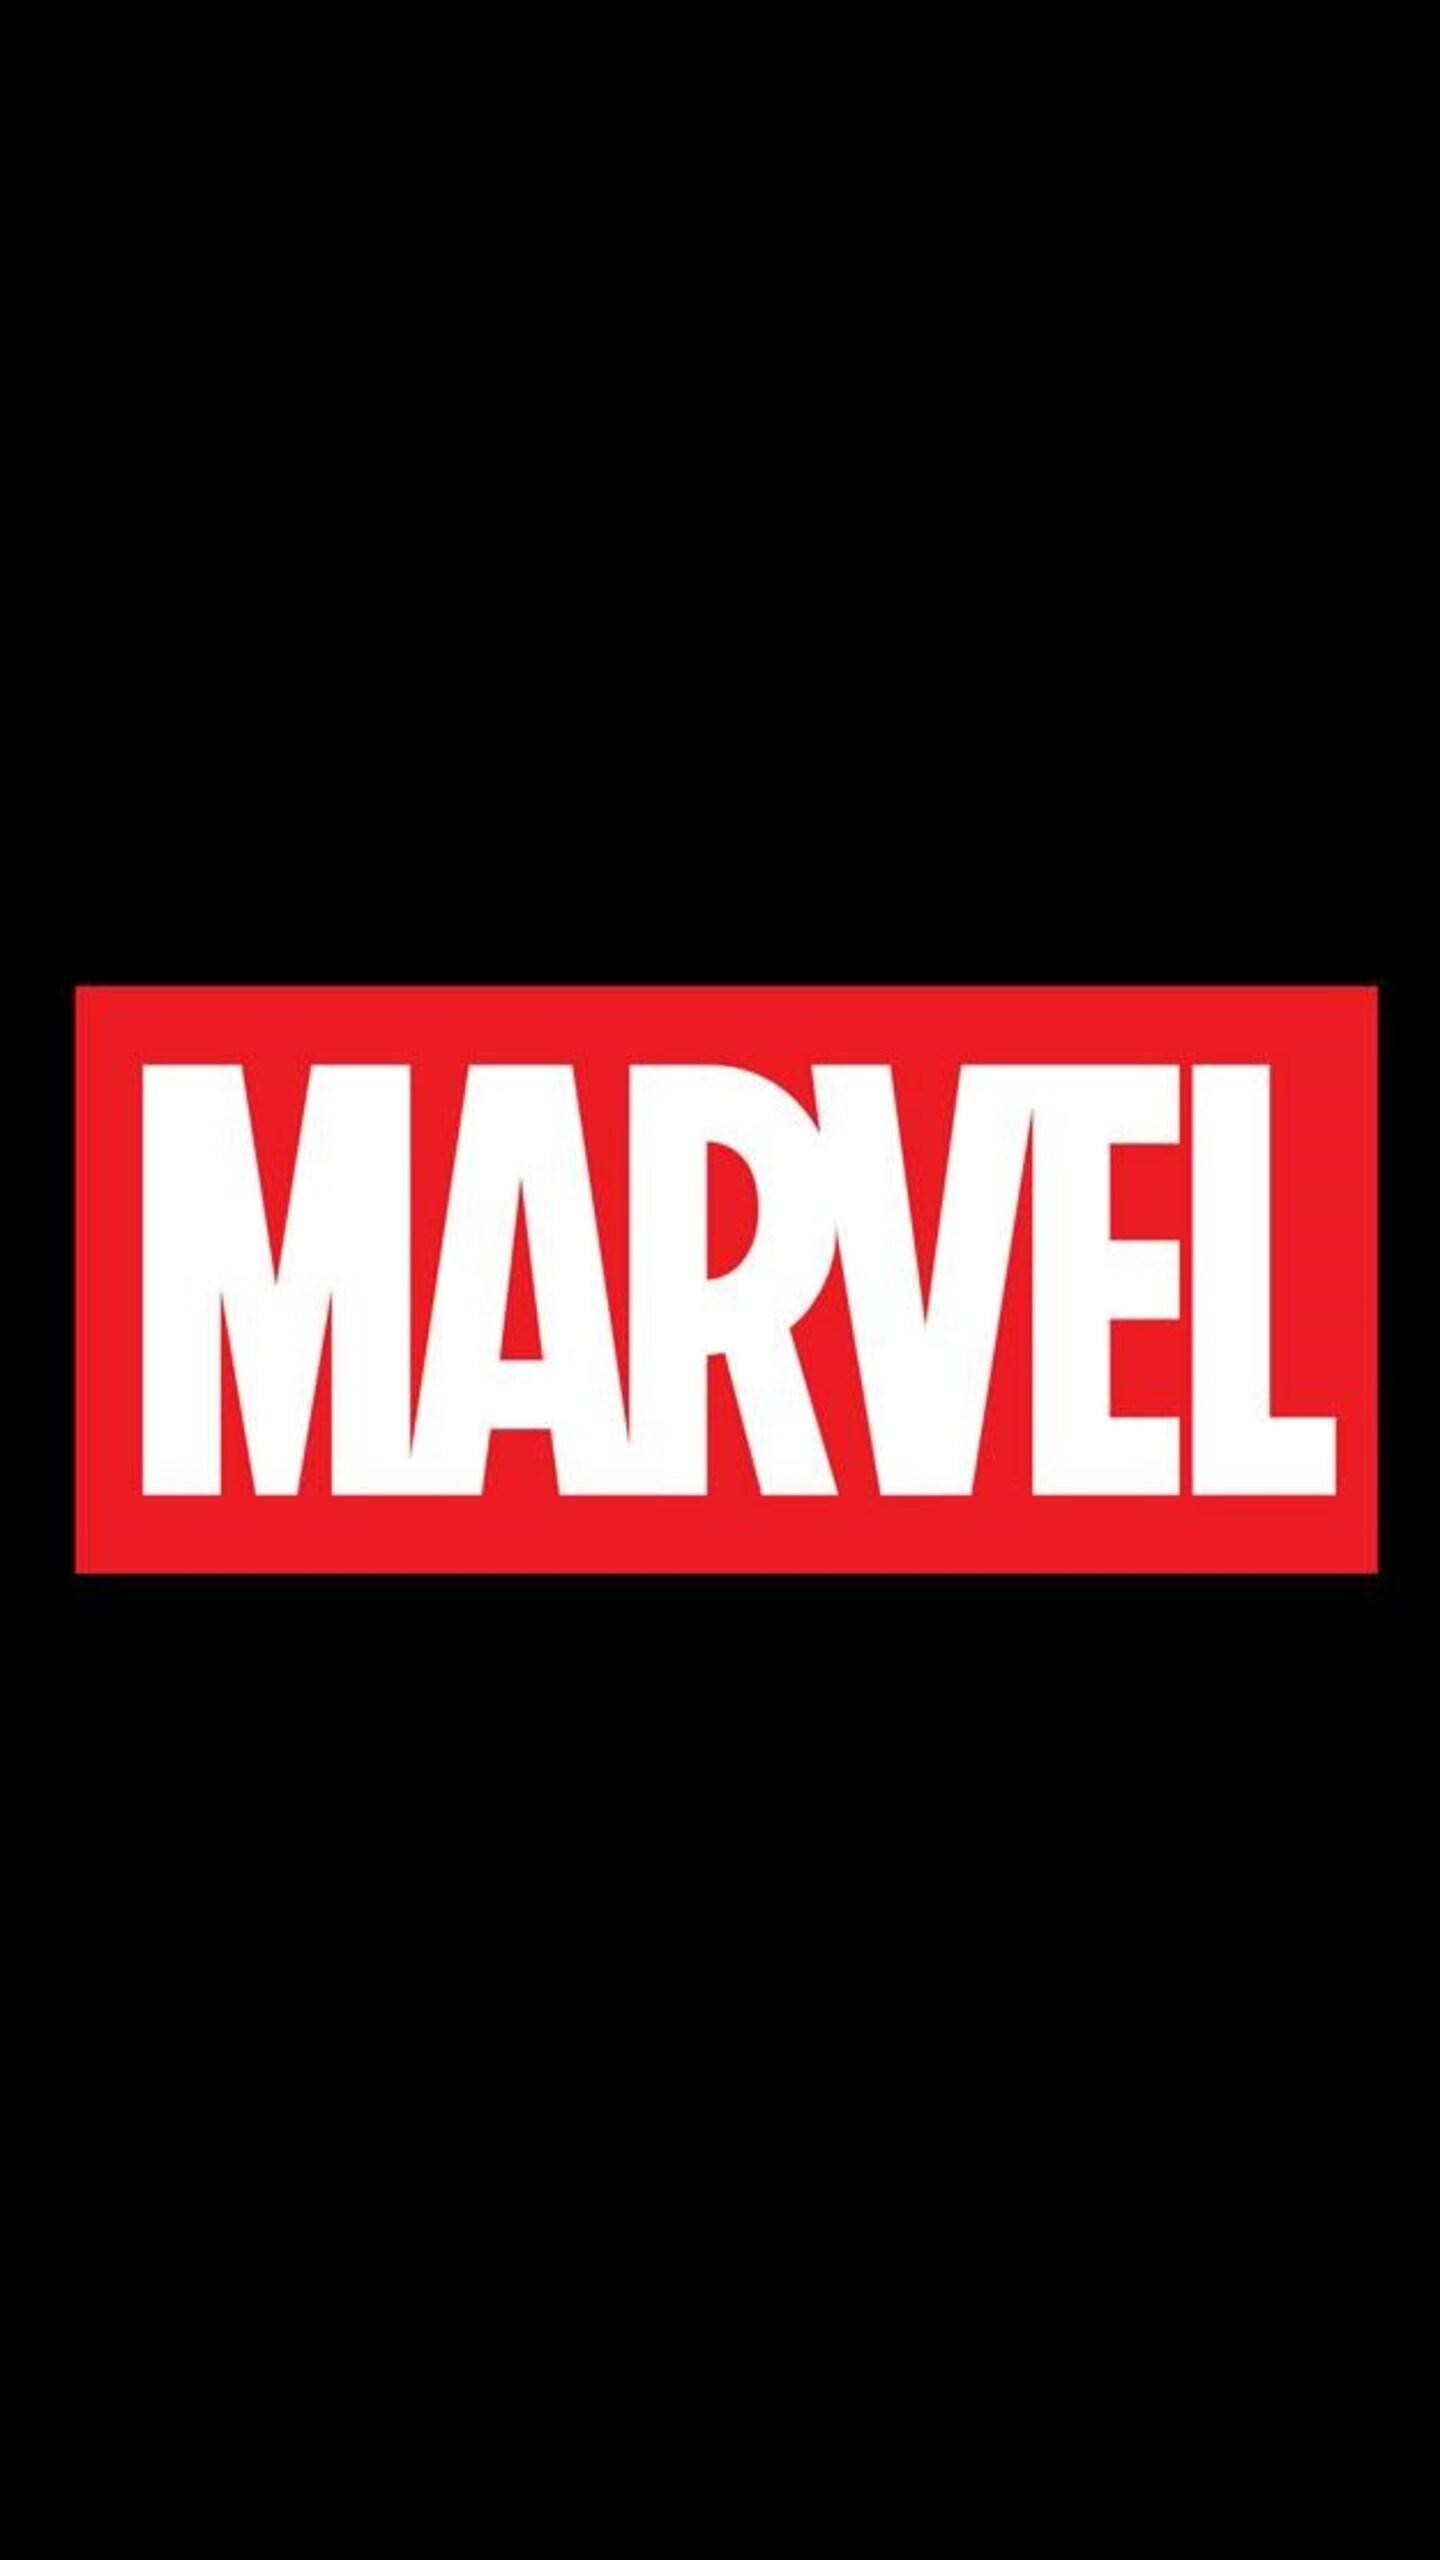 Popular Wallpaper Logo Samsung Galaxy - marvel-studios-new-logo-ad-1440x2560  Trends_591950.jpg